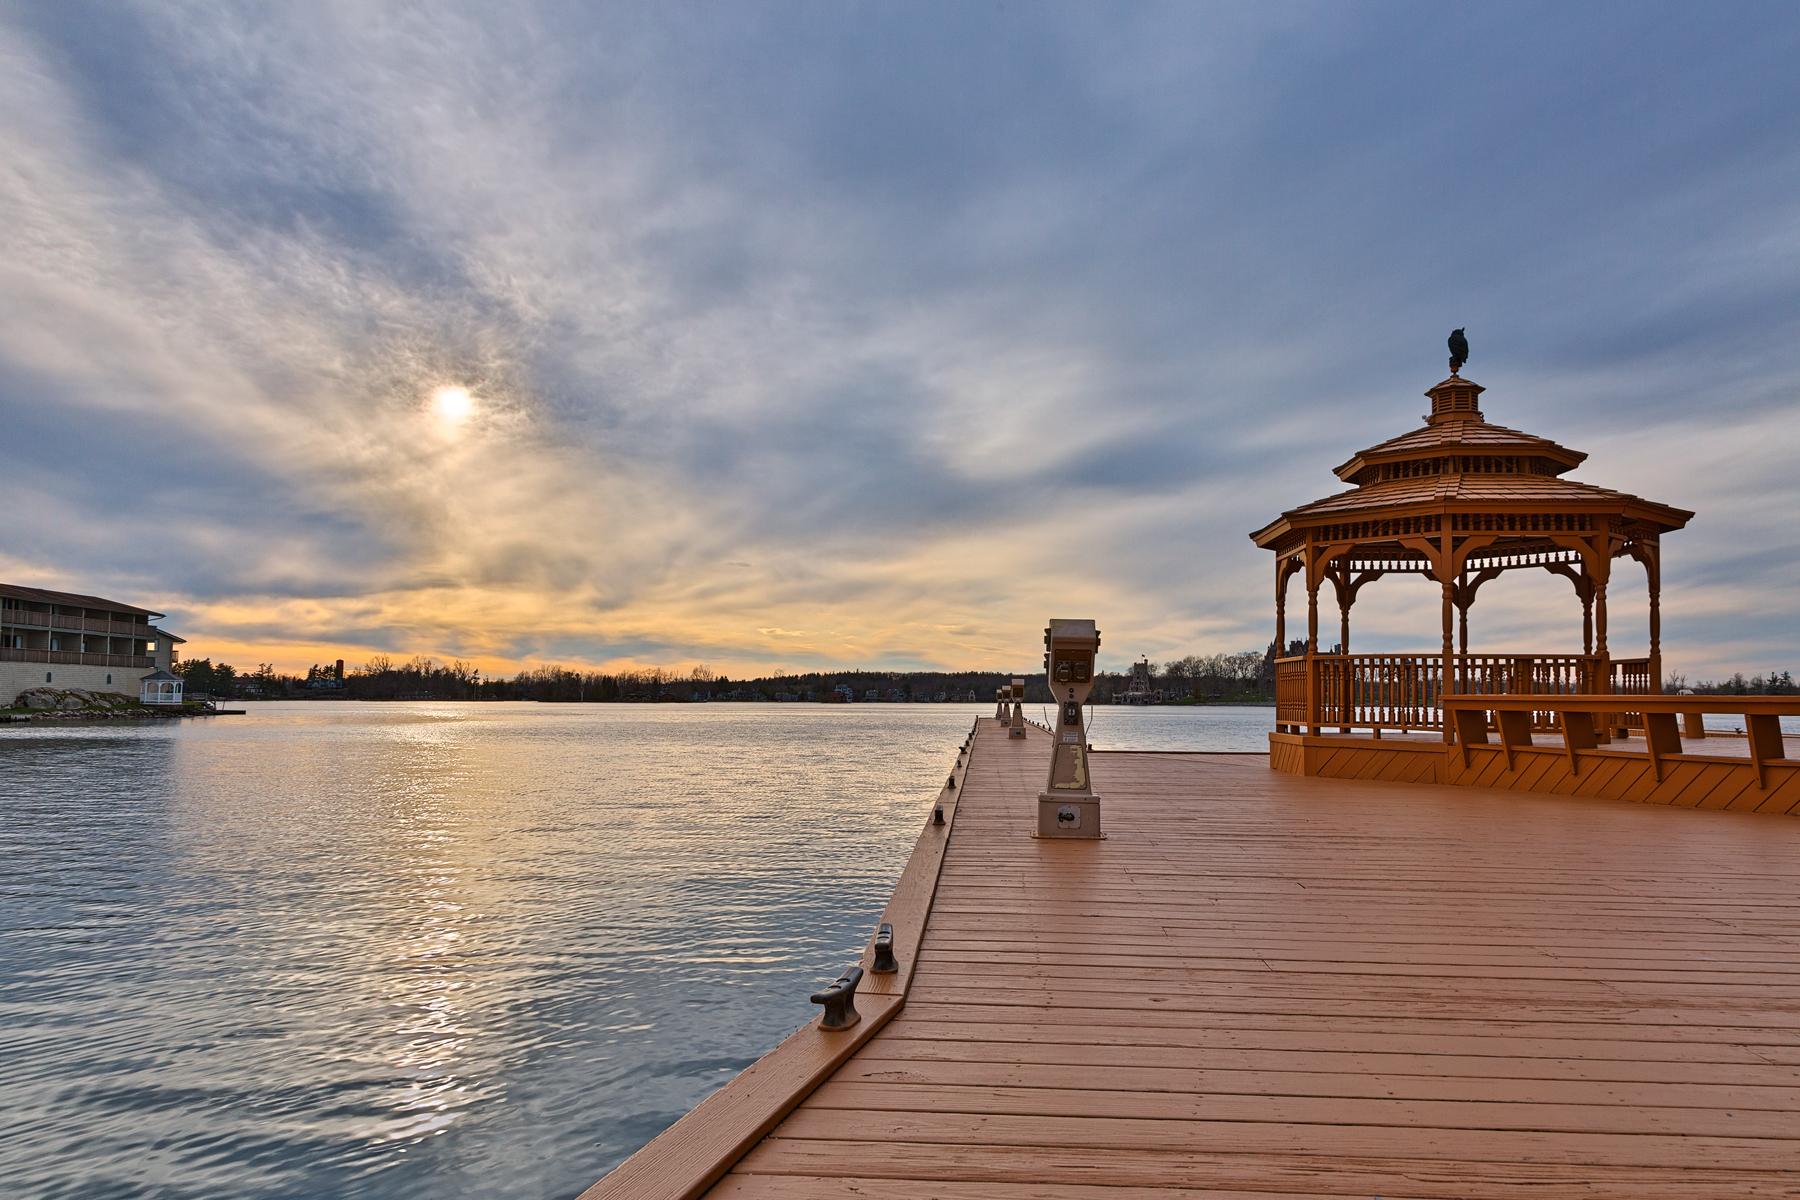 Alexandria Bay Sunset - HDR, 1000, Promenade, Shades, Shade, HQ Photo